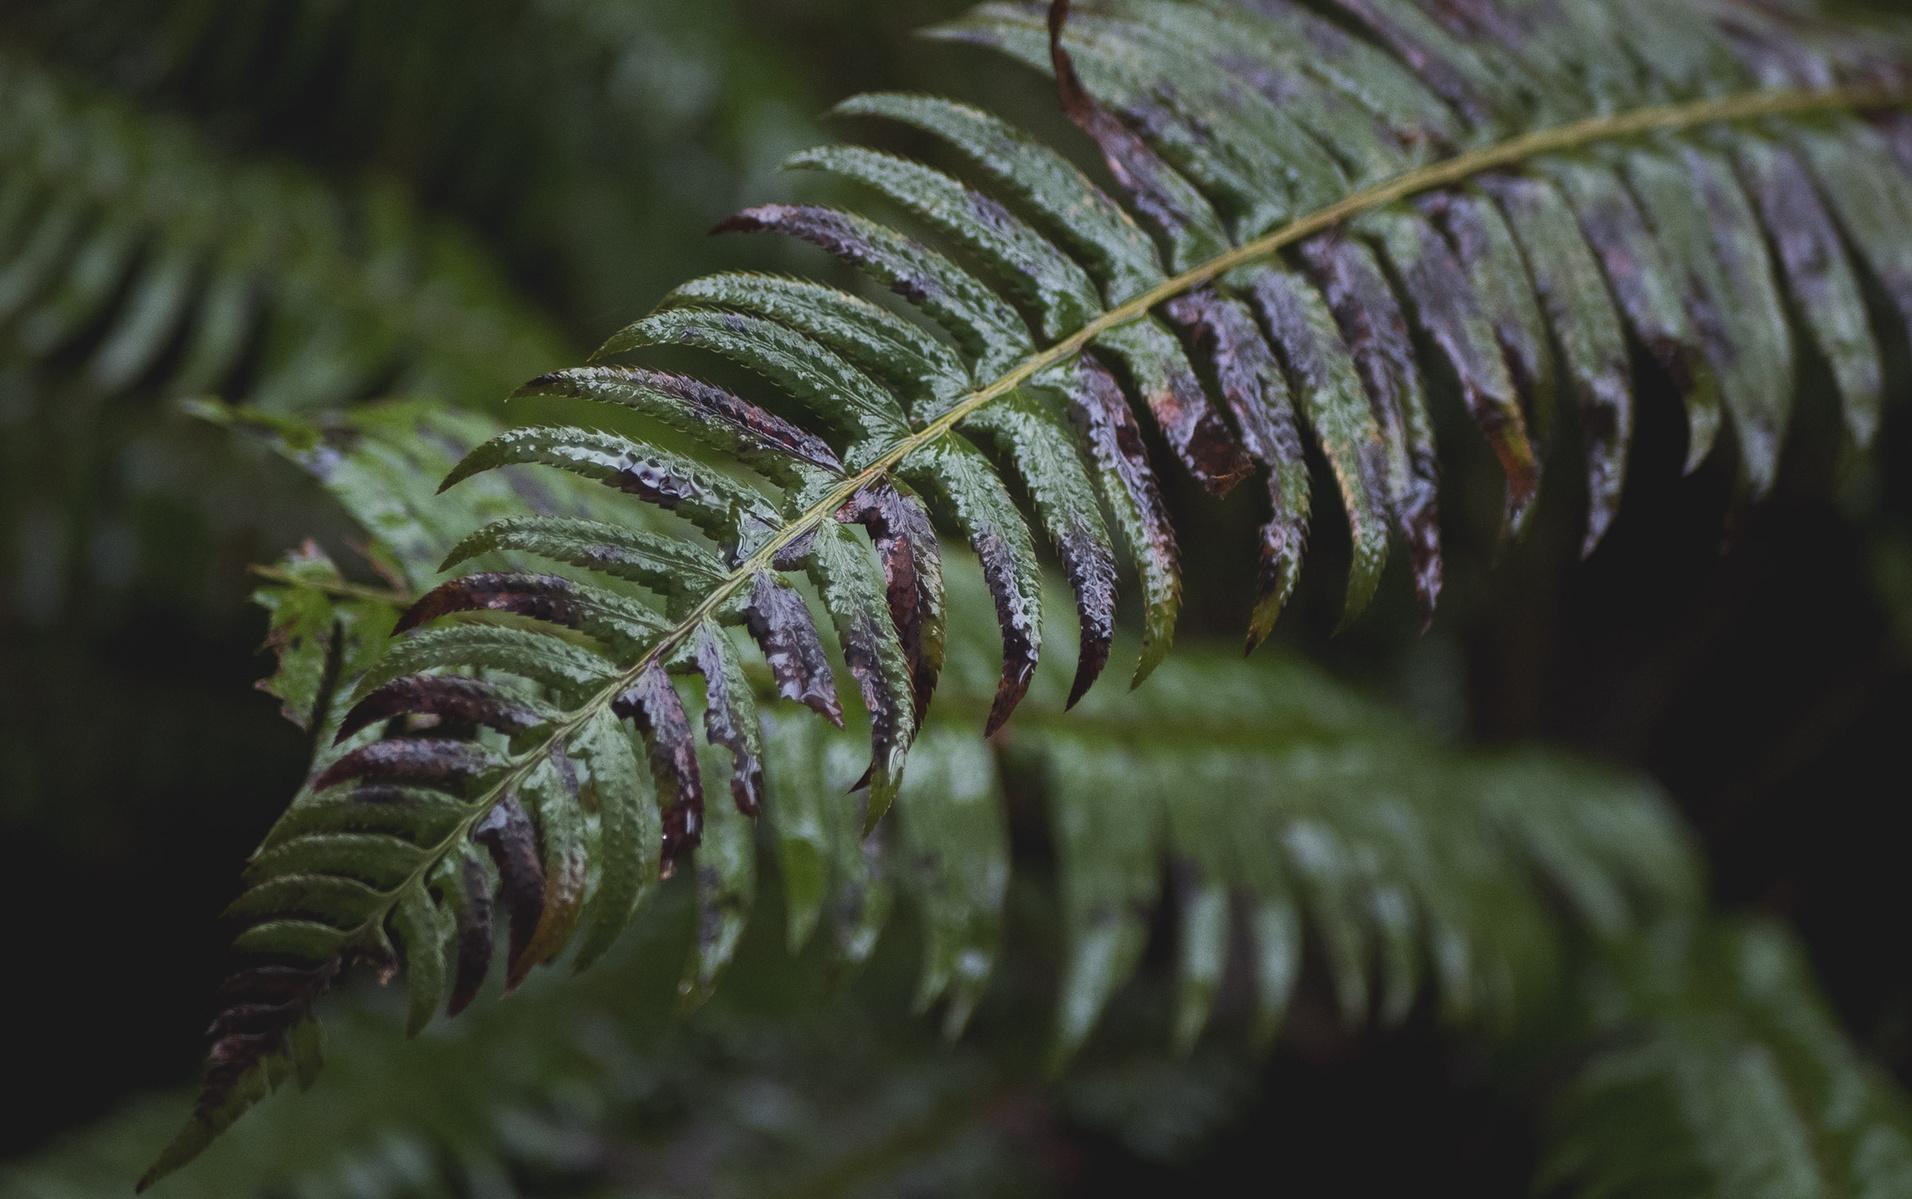 focused on the fern